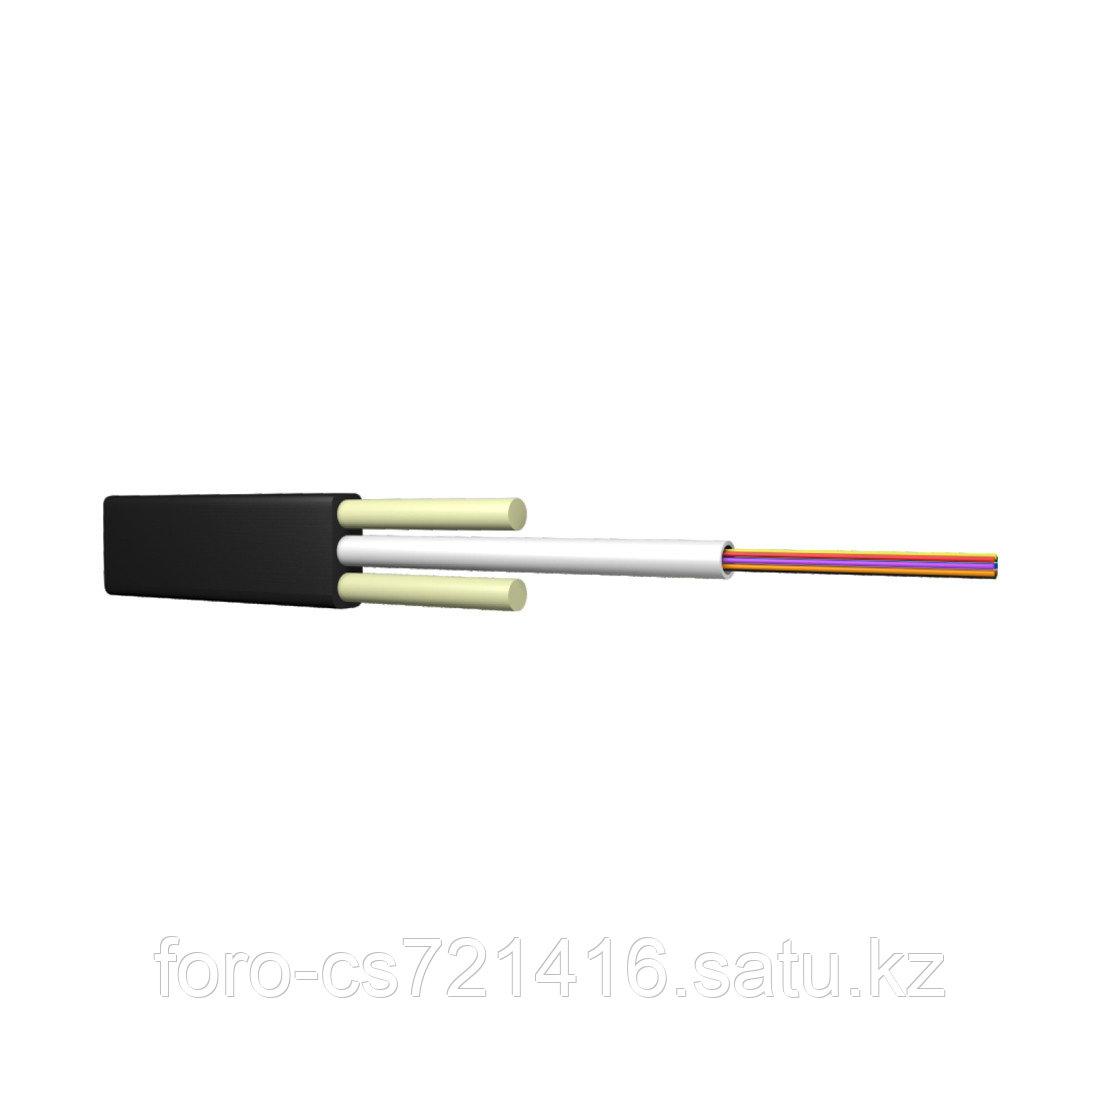 Кабель оптоволоконный ИК/Д2-Т-А16-1.9 кН (плоский)